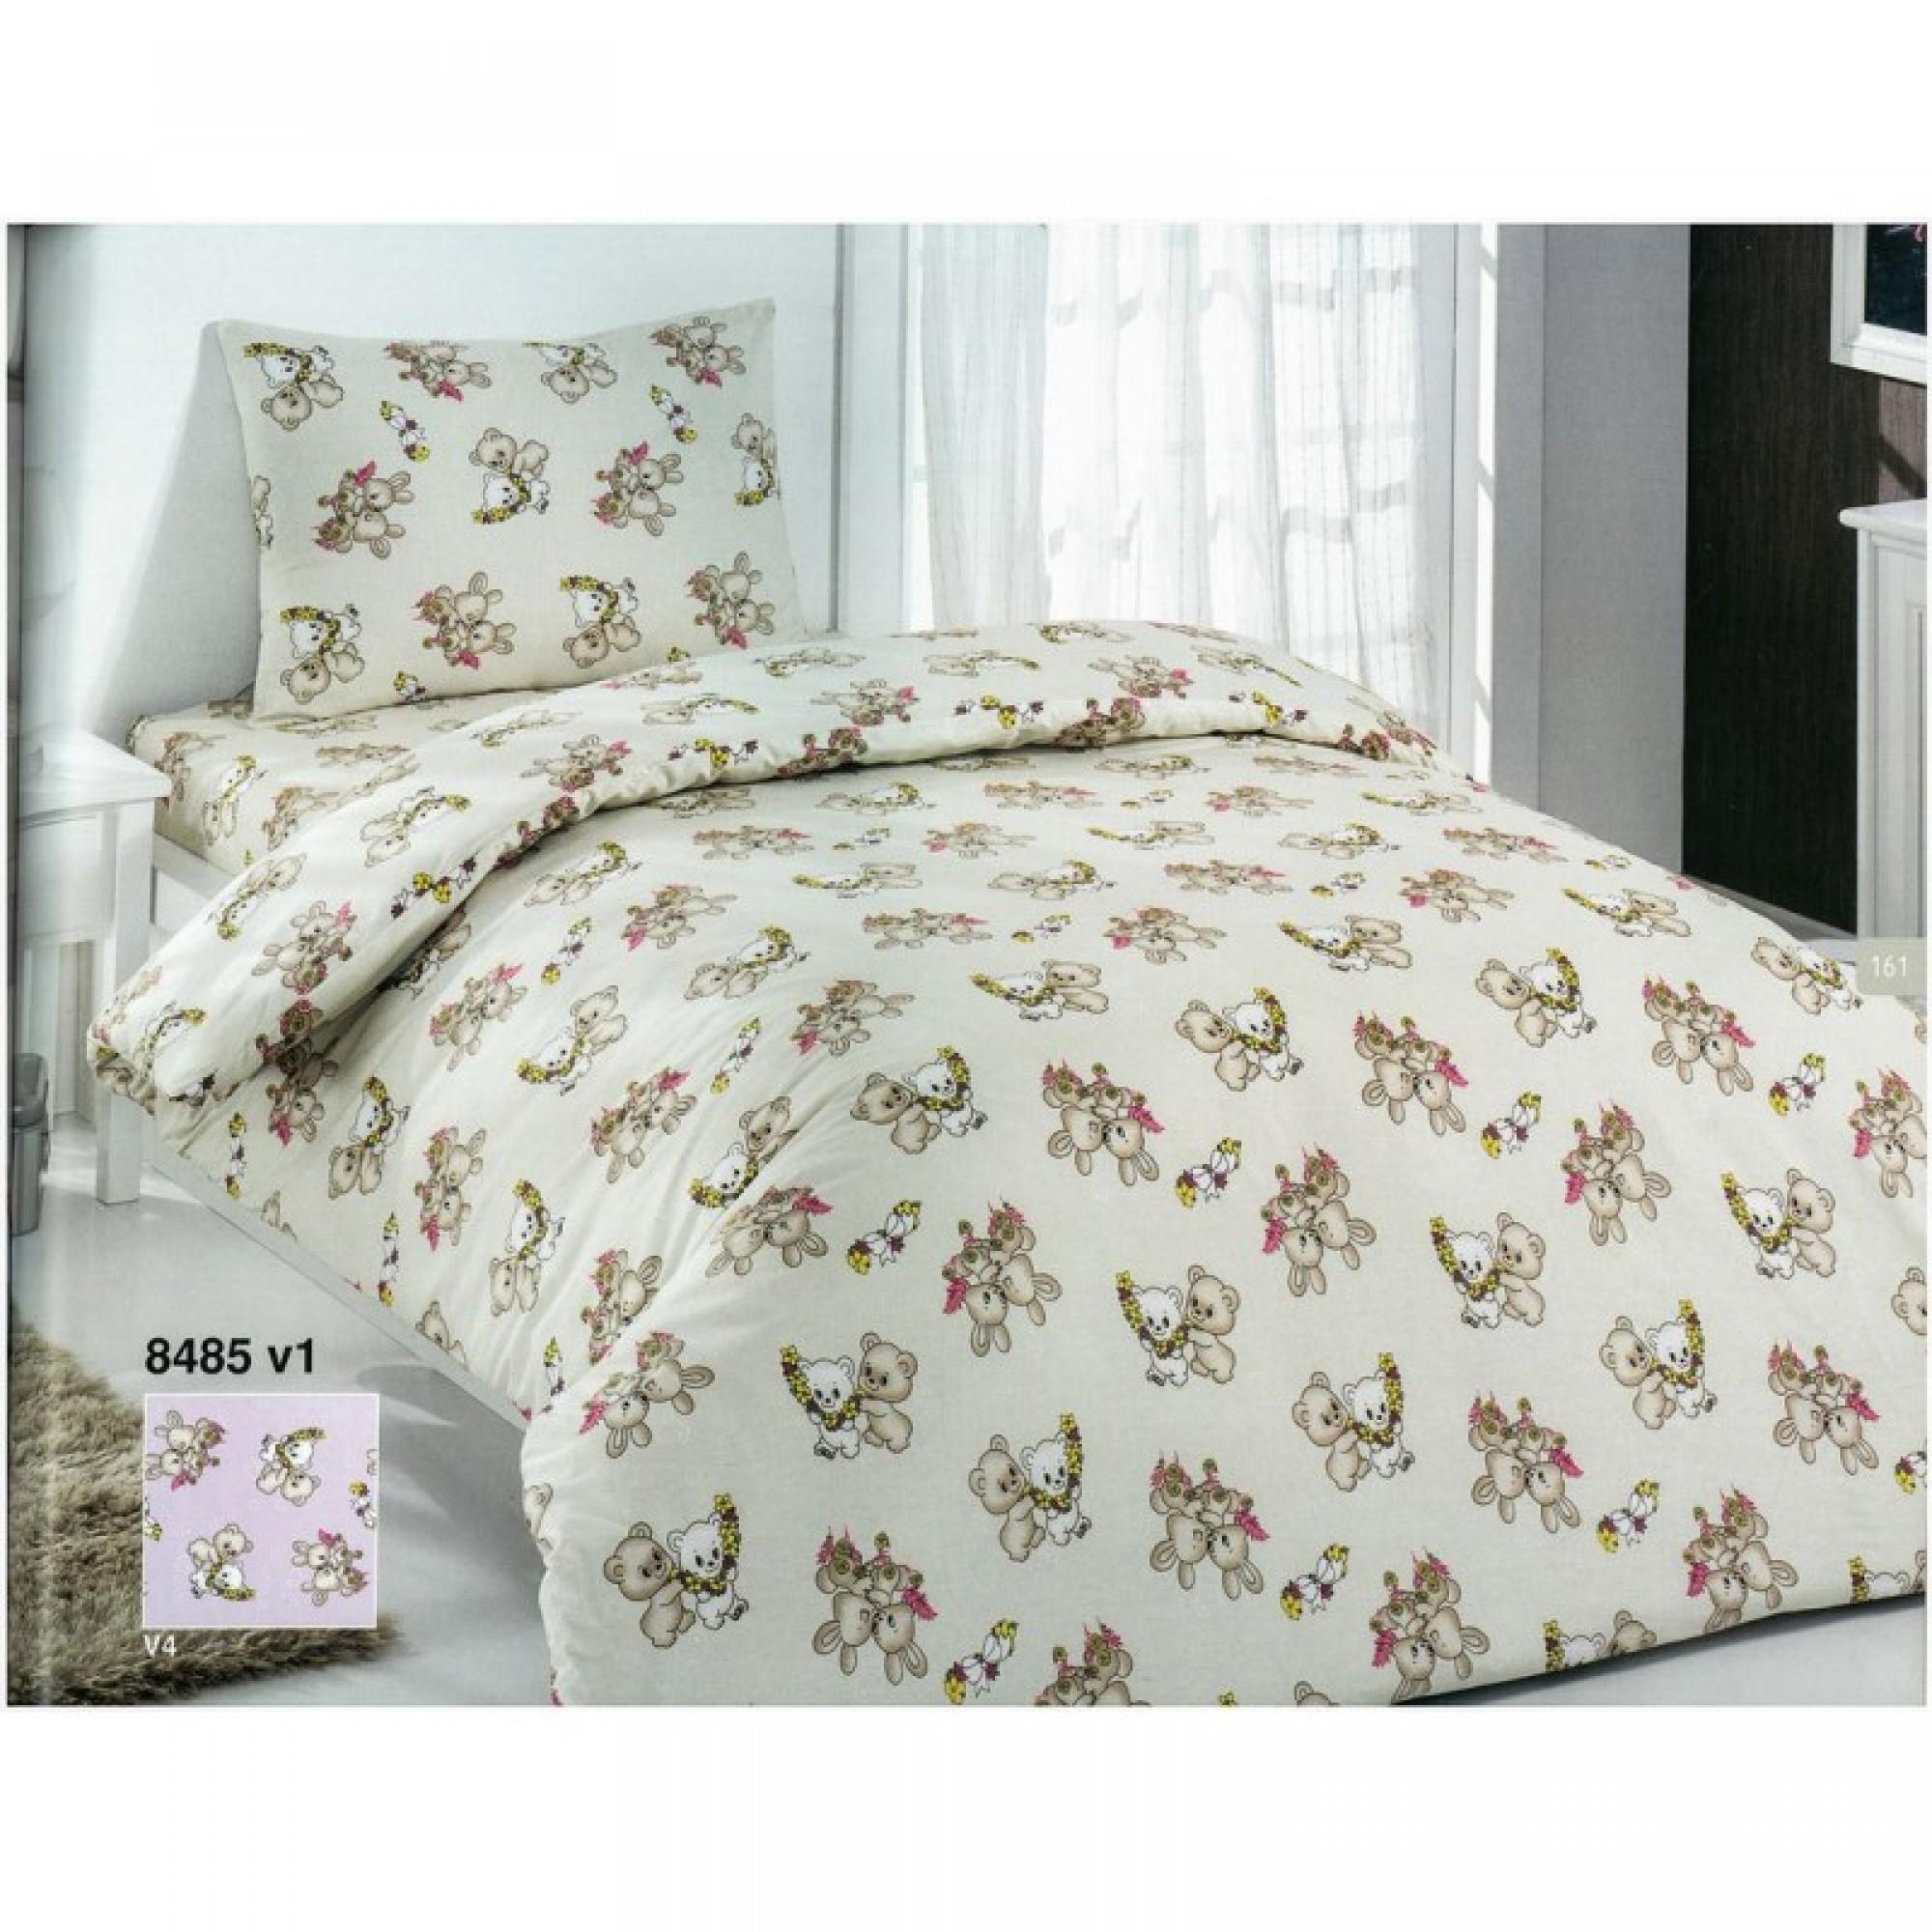 Бебешко спално бельо TEDDY - Ранфорс